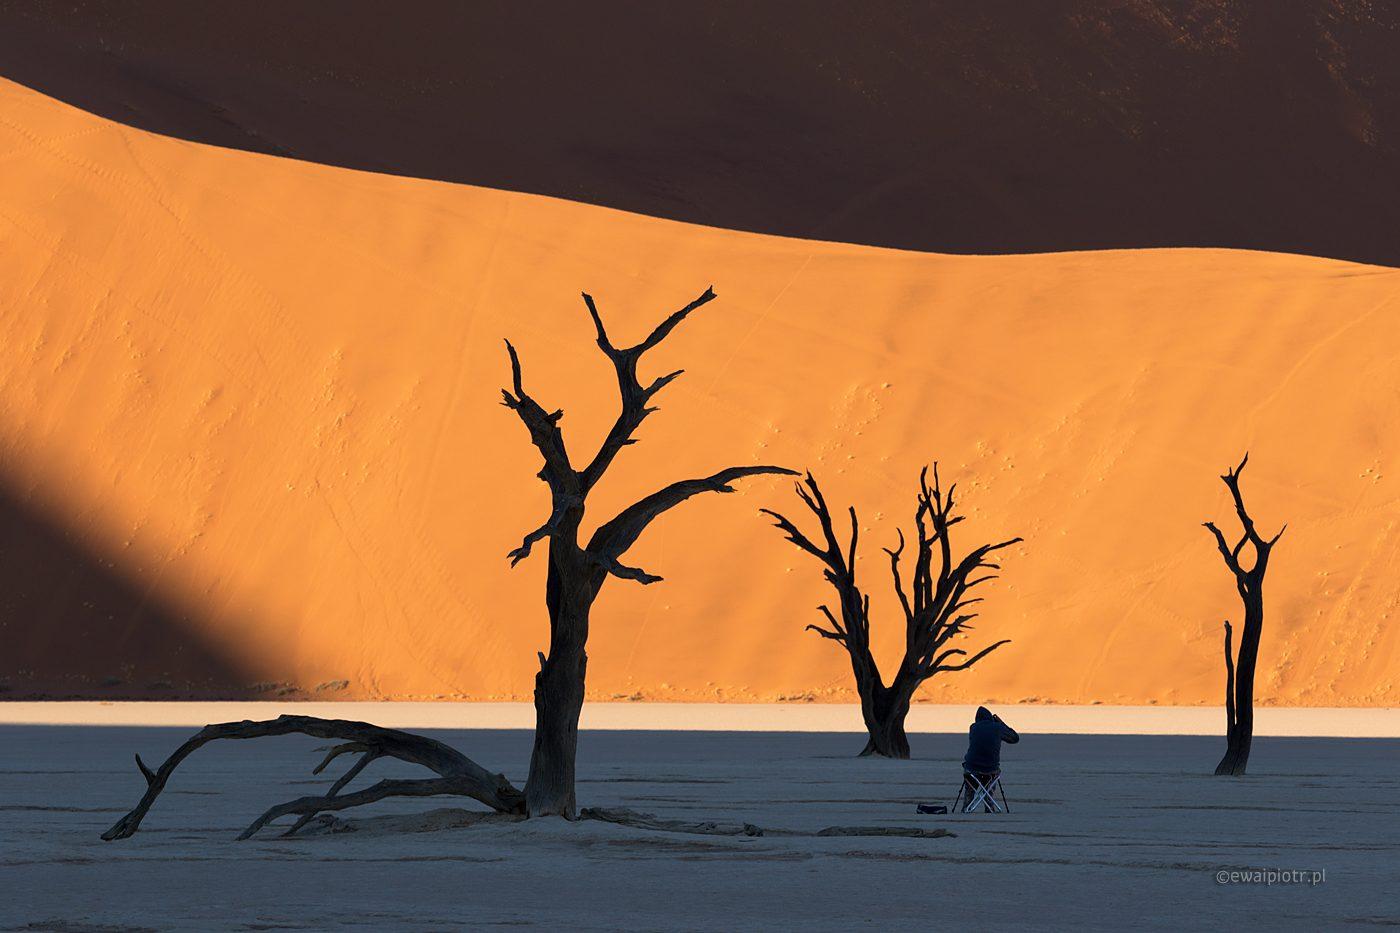 Martwy Las na pustyni w Namibii, warsztaty fotograficzne za granicą